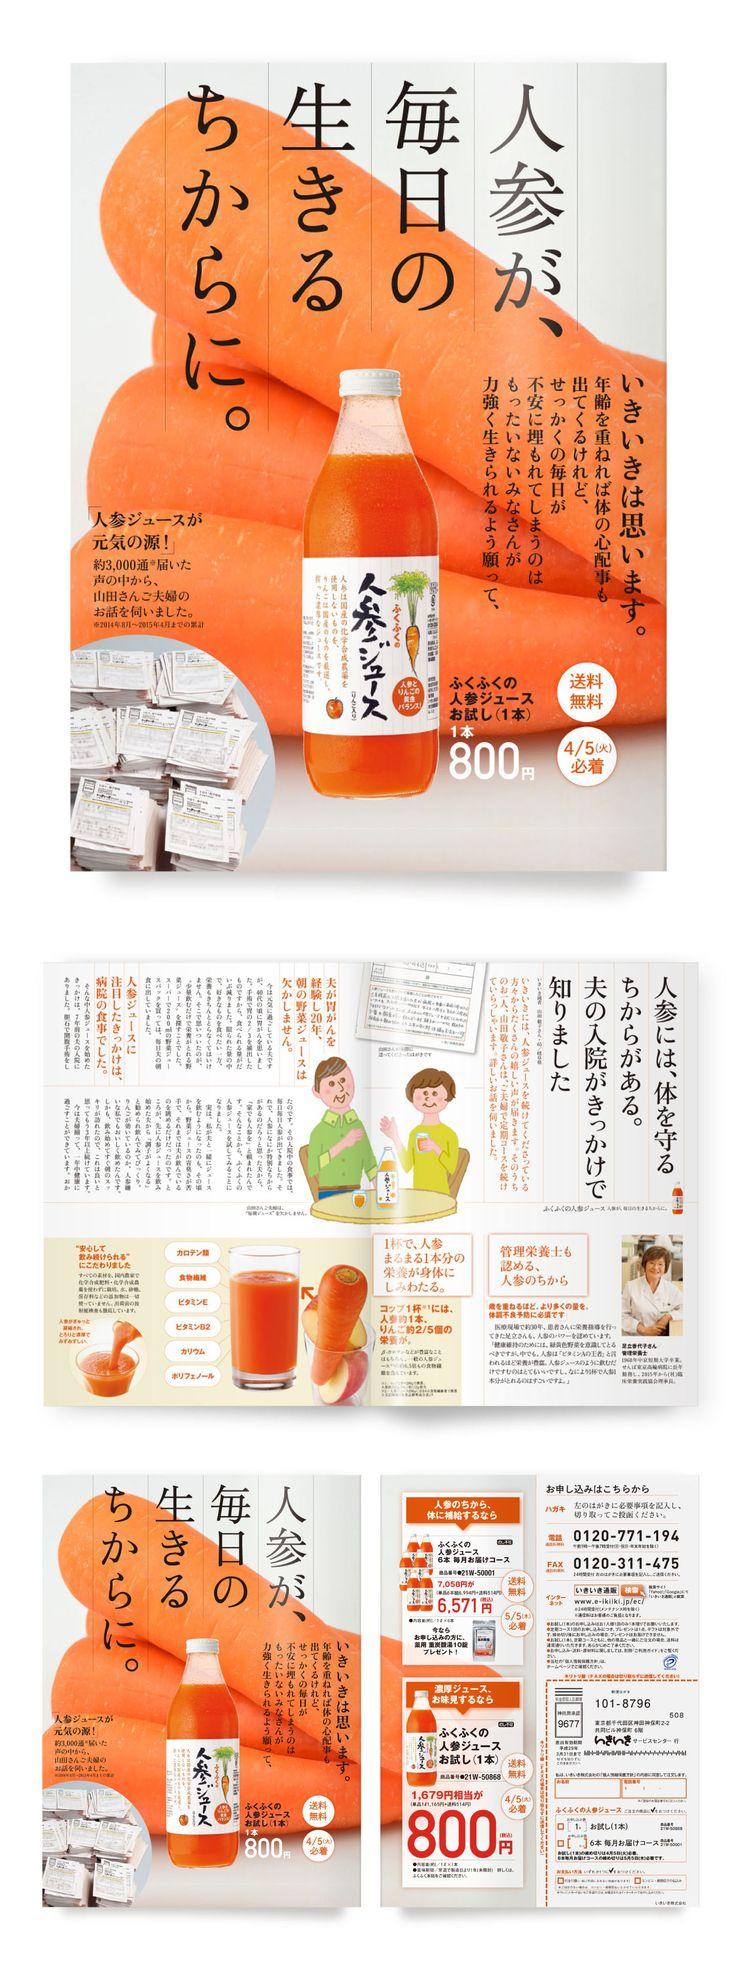 カタログ レイアウト / Layout / Editorial Design / Graphic Design / Leaflet / エディトリアルデザイン…